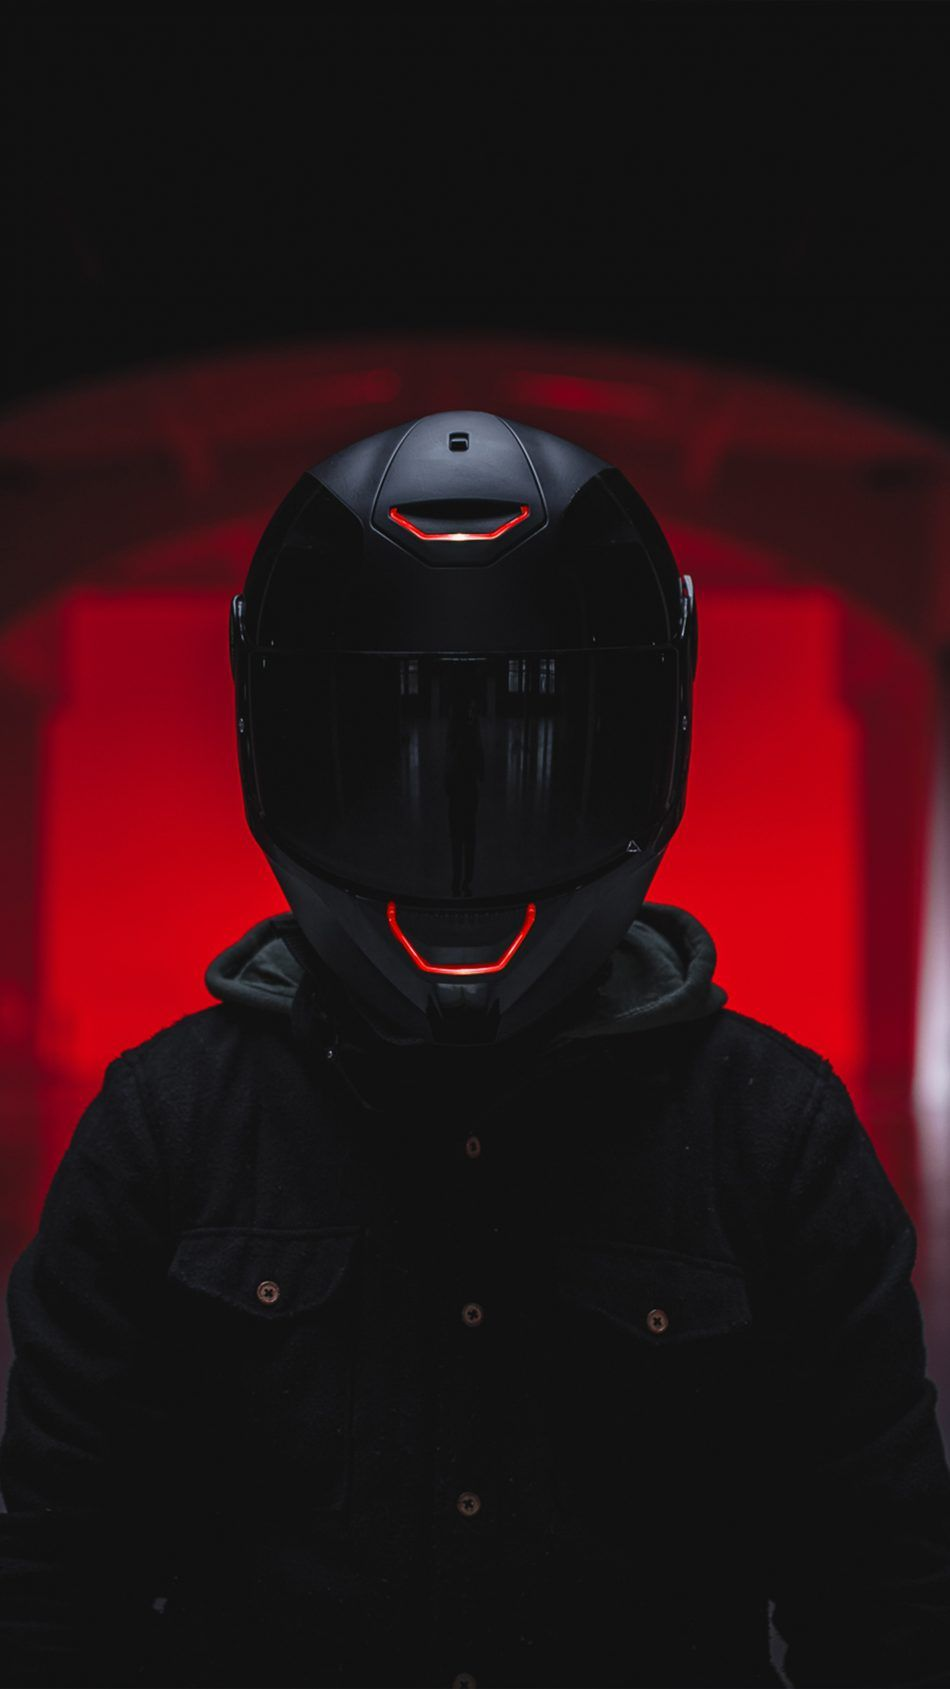 Biker Helmet Red Light 4k Ultra Hd Mobile Wallpaper Biker Helmets Super Luxury Cars Super Bikes